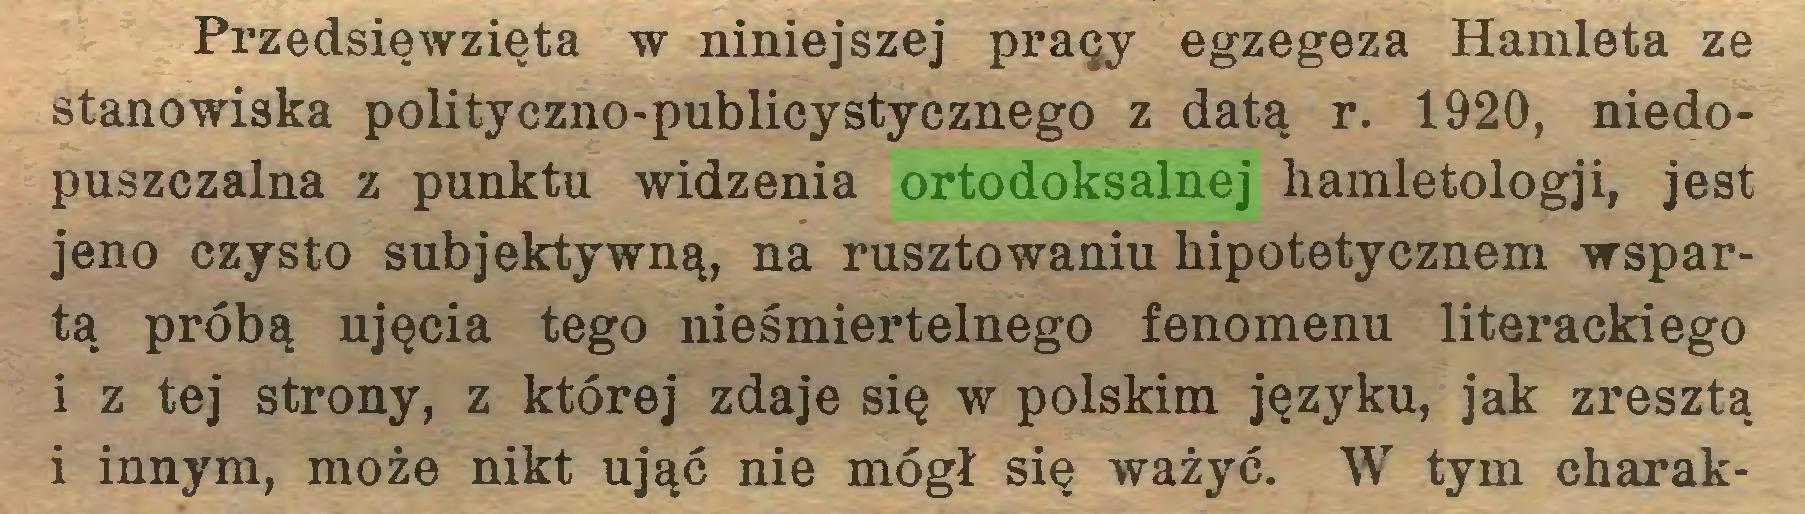 (...) Przedsięwzięta w niniejszej praęy egzegeza Hamleta ze stanowiska polityczno-publicystycznego z datą r. 1920, niedopuszczalna z punktu widzenia ortodoksalnej hamletologji, jest jeno czysto subjektywną, na rusztowaniu hipotetycznem wspartą próbą ujęcia tego nieśmiertelnego fenomenu literackiego i z tej strony, z której zdaje się w polskim języku, jak zresztą i innym, może nikt ująć nie mógł się ważyć. W tym charak...